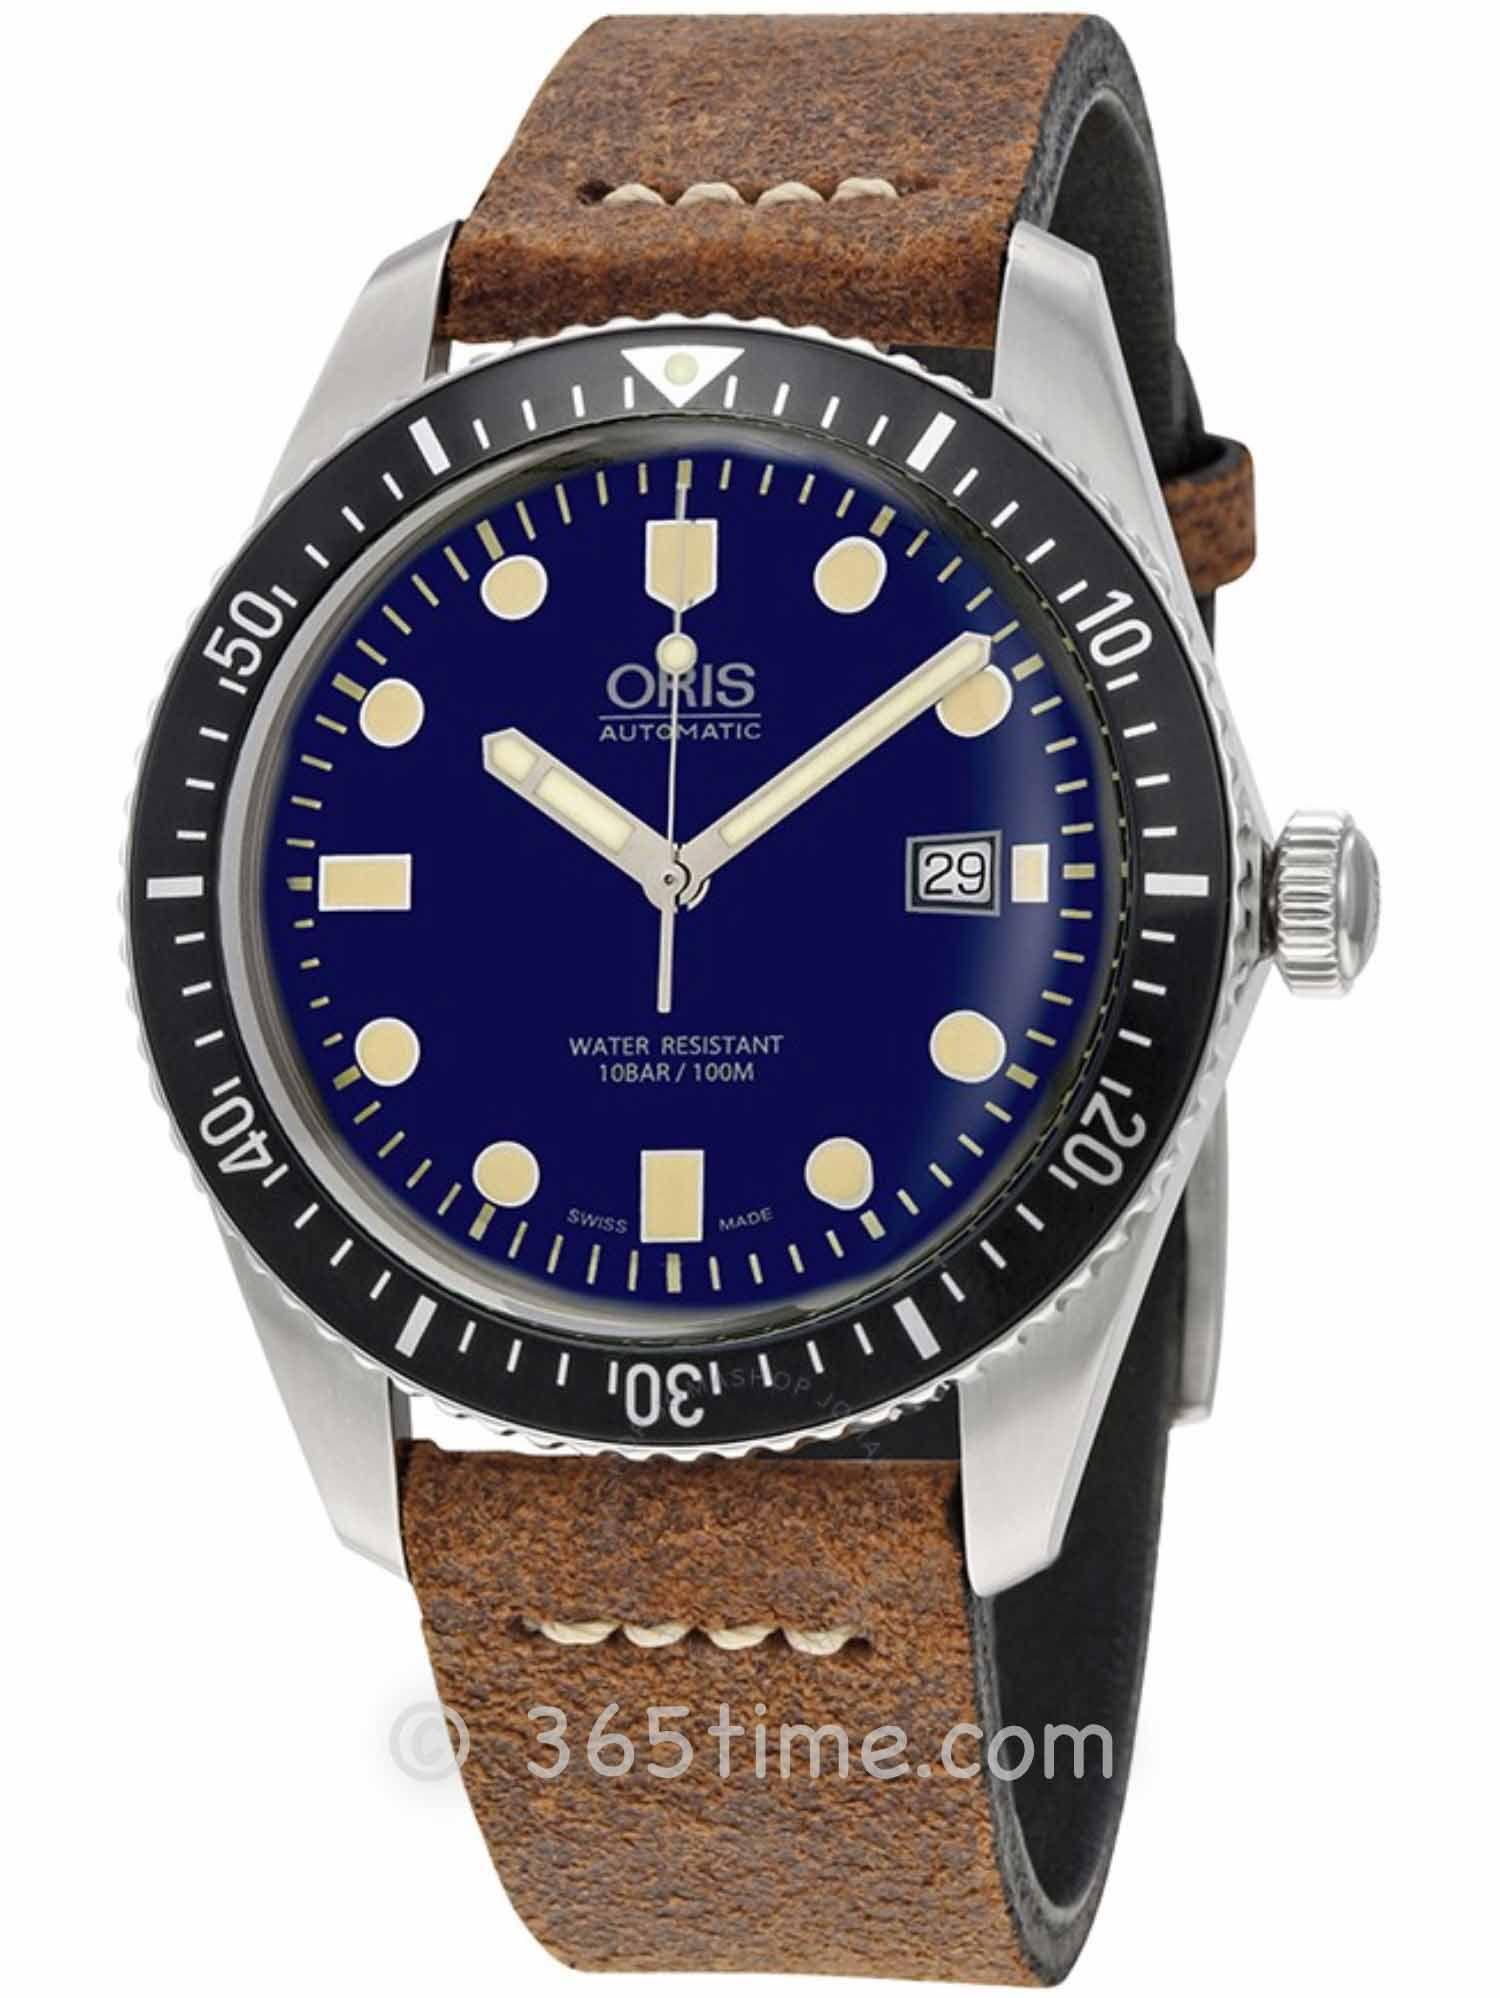 Oris豪利时潜水系列65年复刻版潜水腕表01 733 7720 4055-07 5 21 45